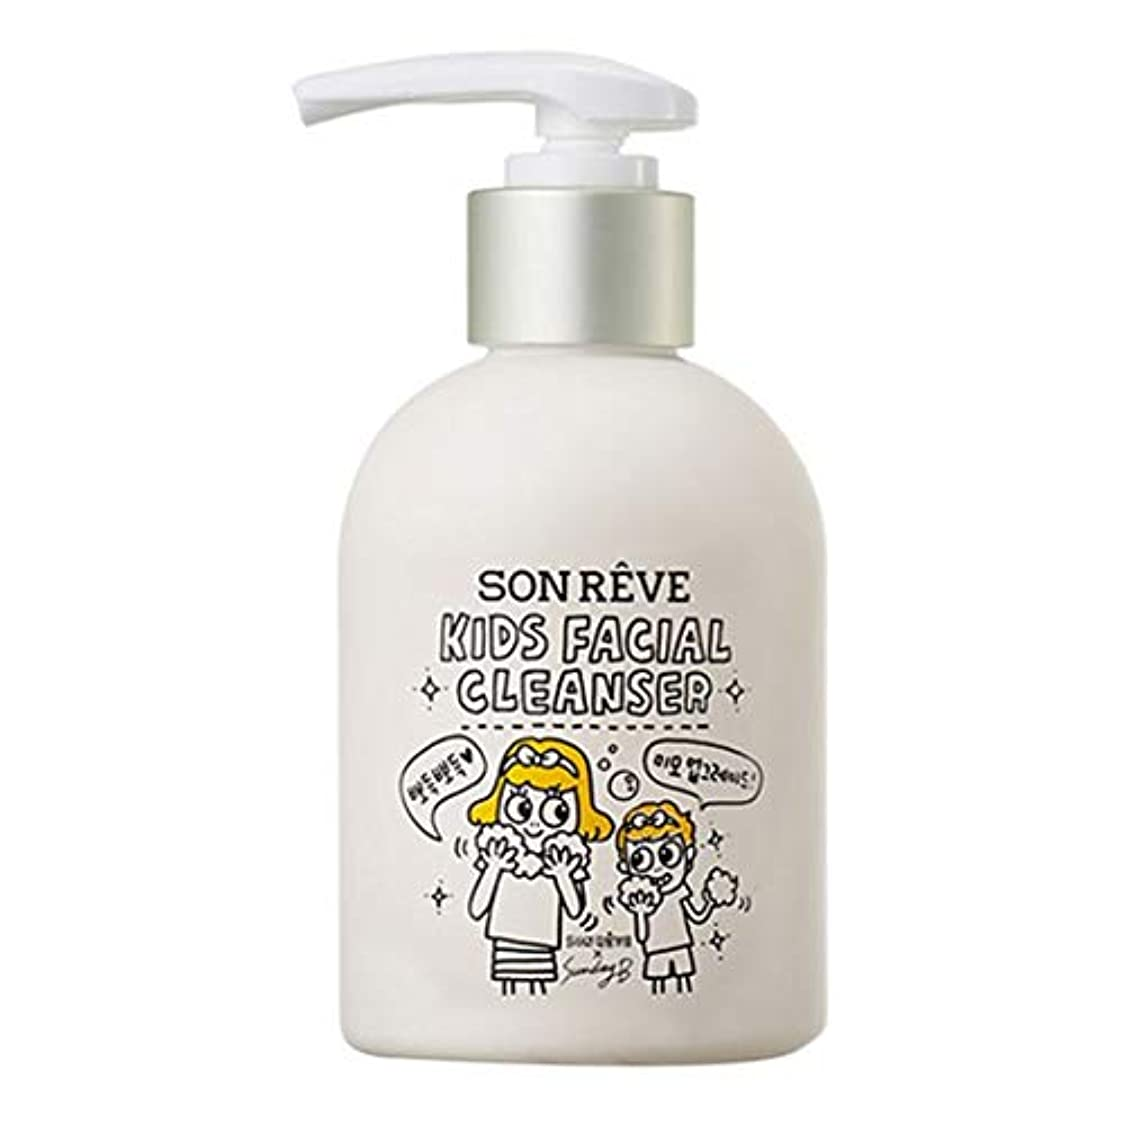 地中海欲しいです泥棒[SON REVE]KIDS Facial Cleanserの子どもの洗顔200ml甘いキャンディー 香りポンプ型[海外直輸入]